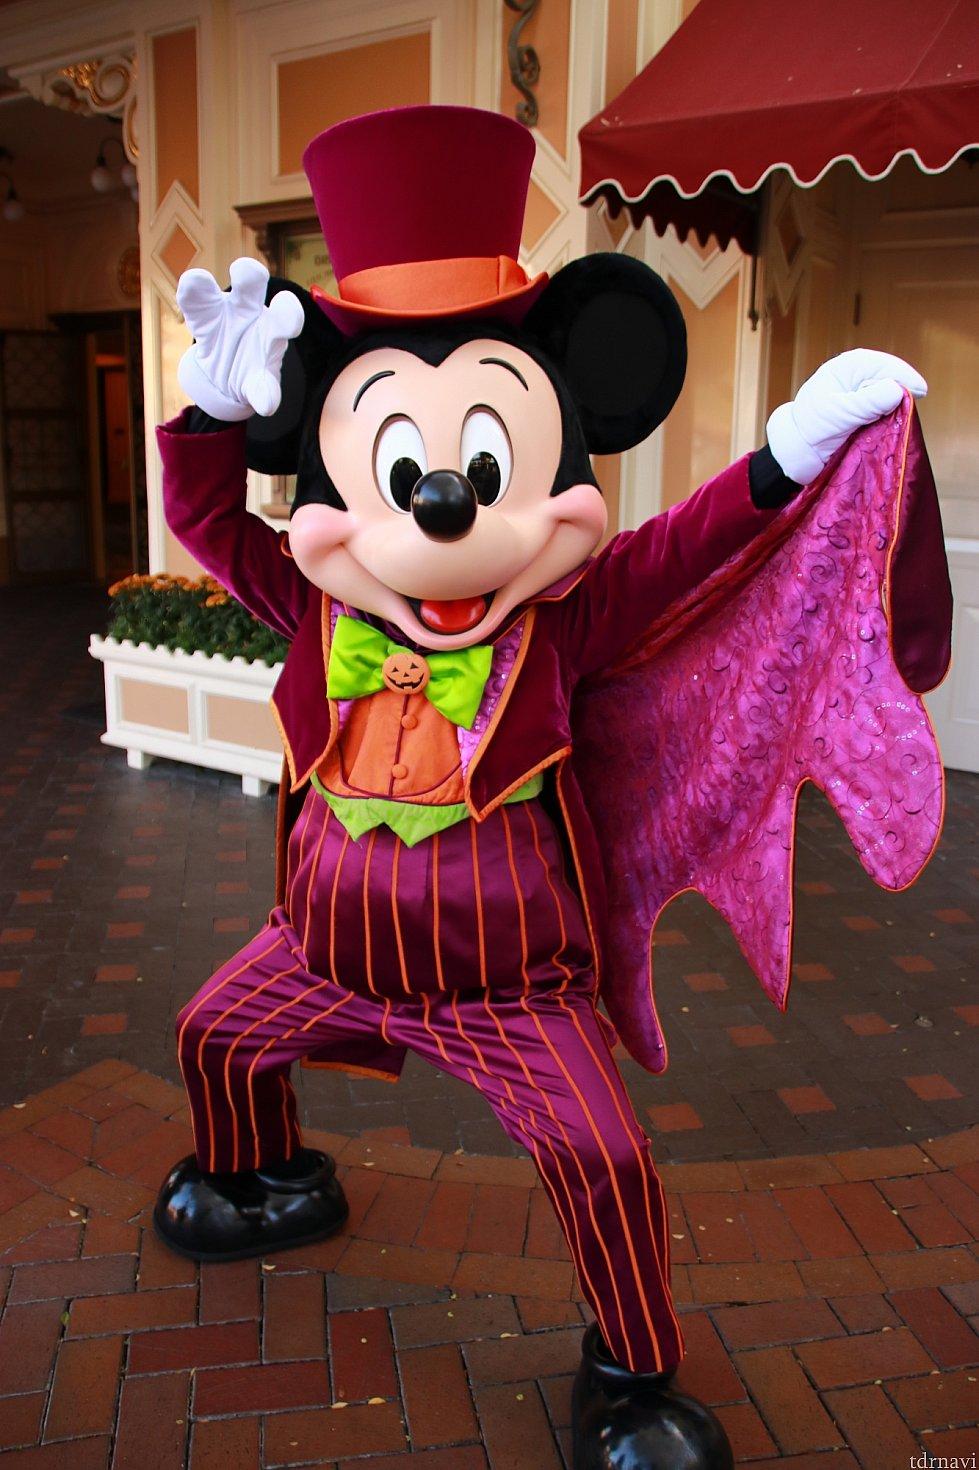 通常ハロウィンのミッキー。エントランスで会えます。15時にインすれば会えます!恐らくパレード後(15時30分)以降はトゥーンタウンに向かった方がいいかも!